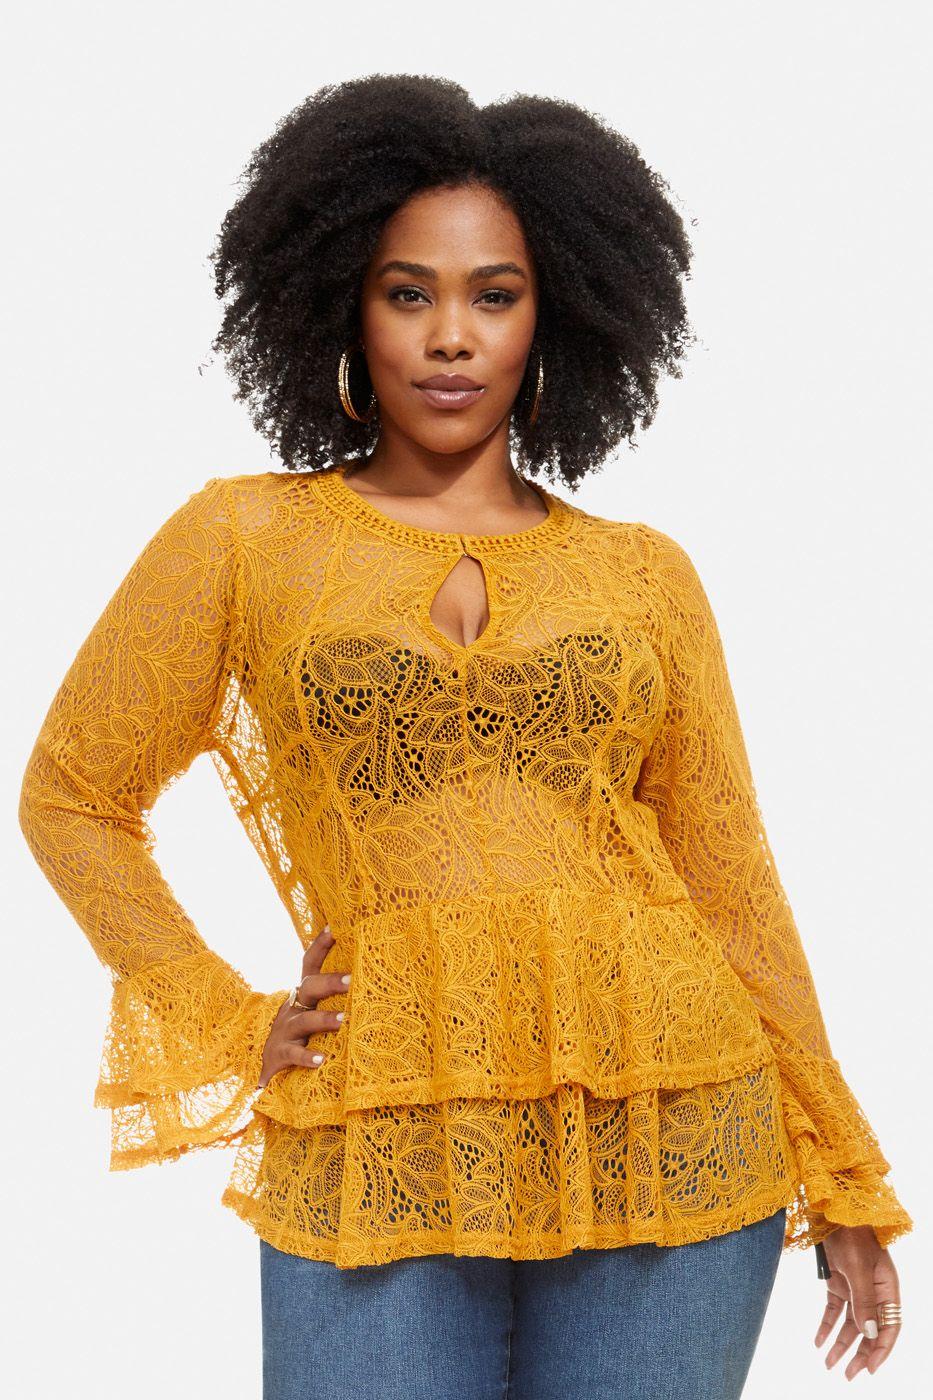 c1437bd28d44 Plus Size Bryant Park Lace Bell Sleeve Top   Fashion Fix   Tops ...